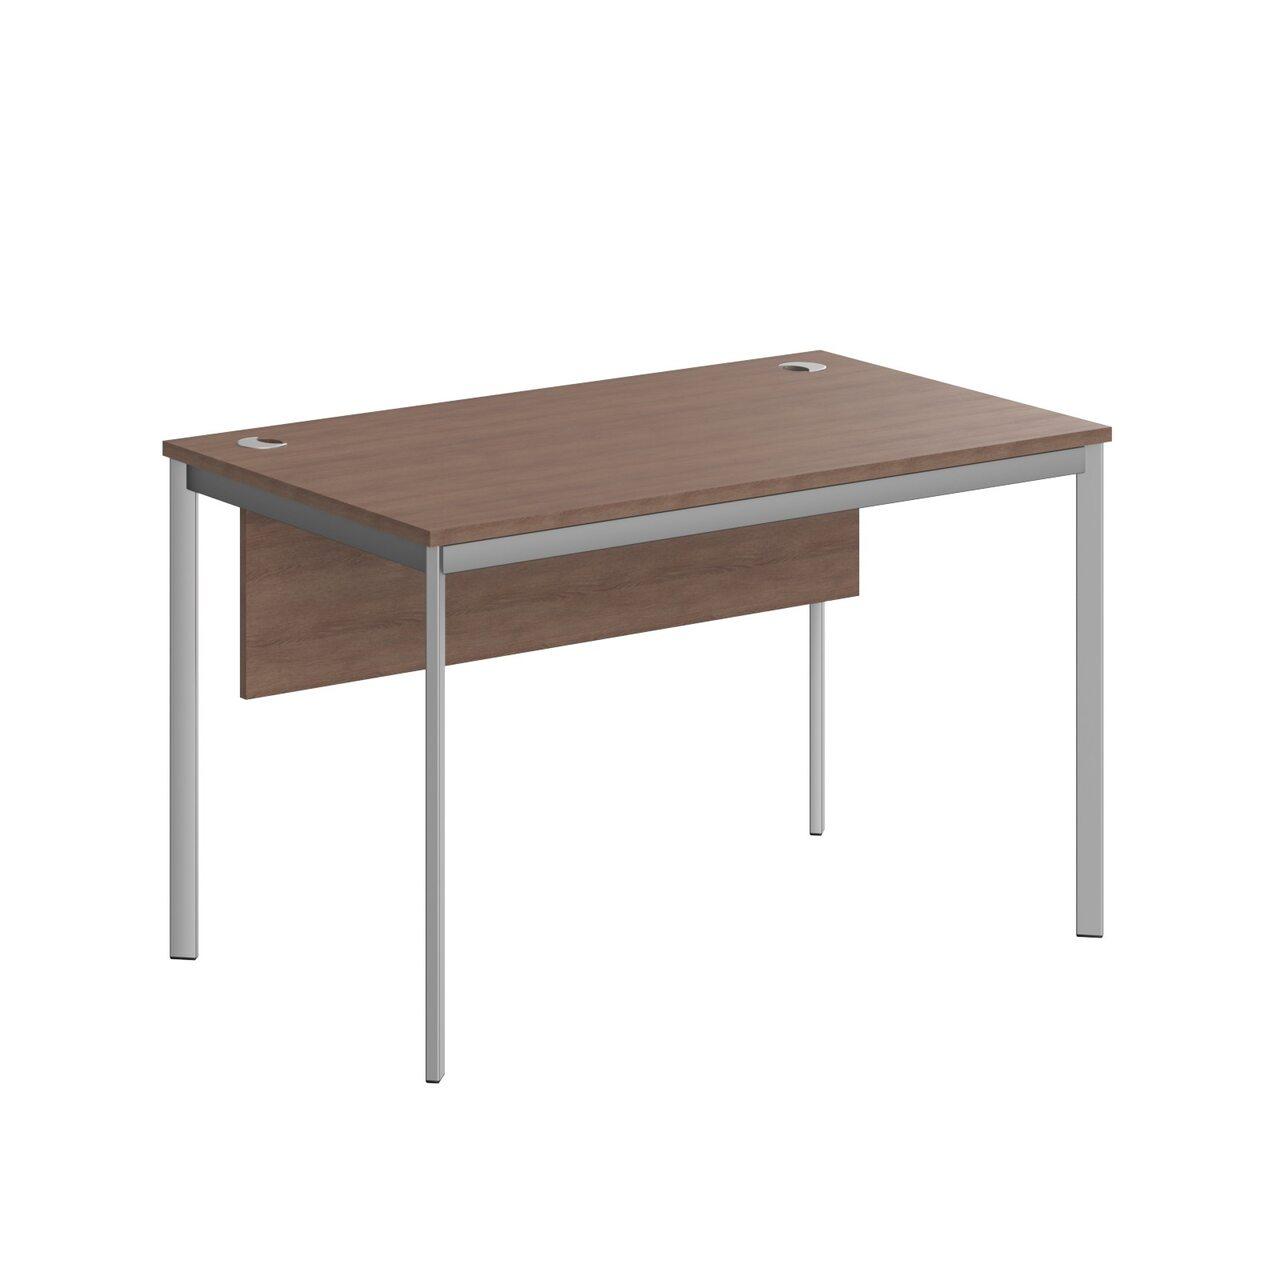 Стол прямой с фрональной панелью  IMAGO-S 72x120x76 - фото 4